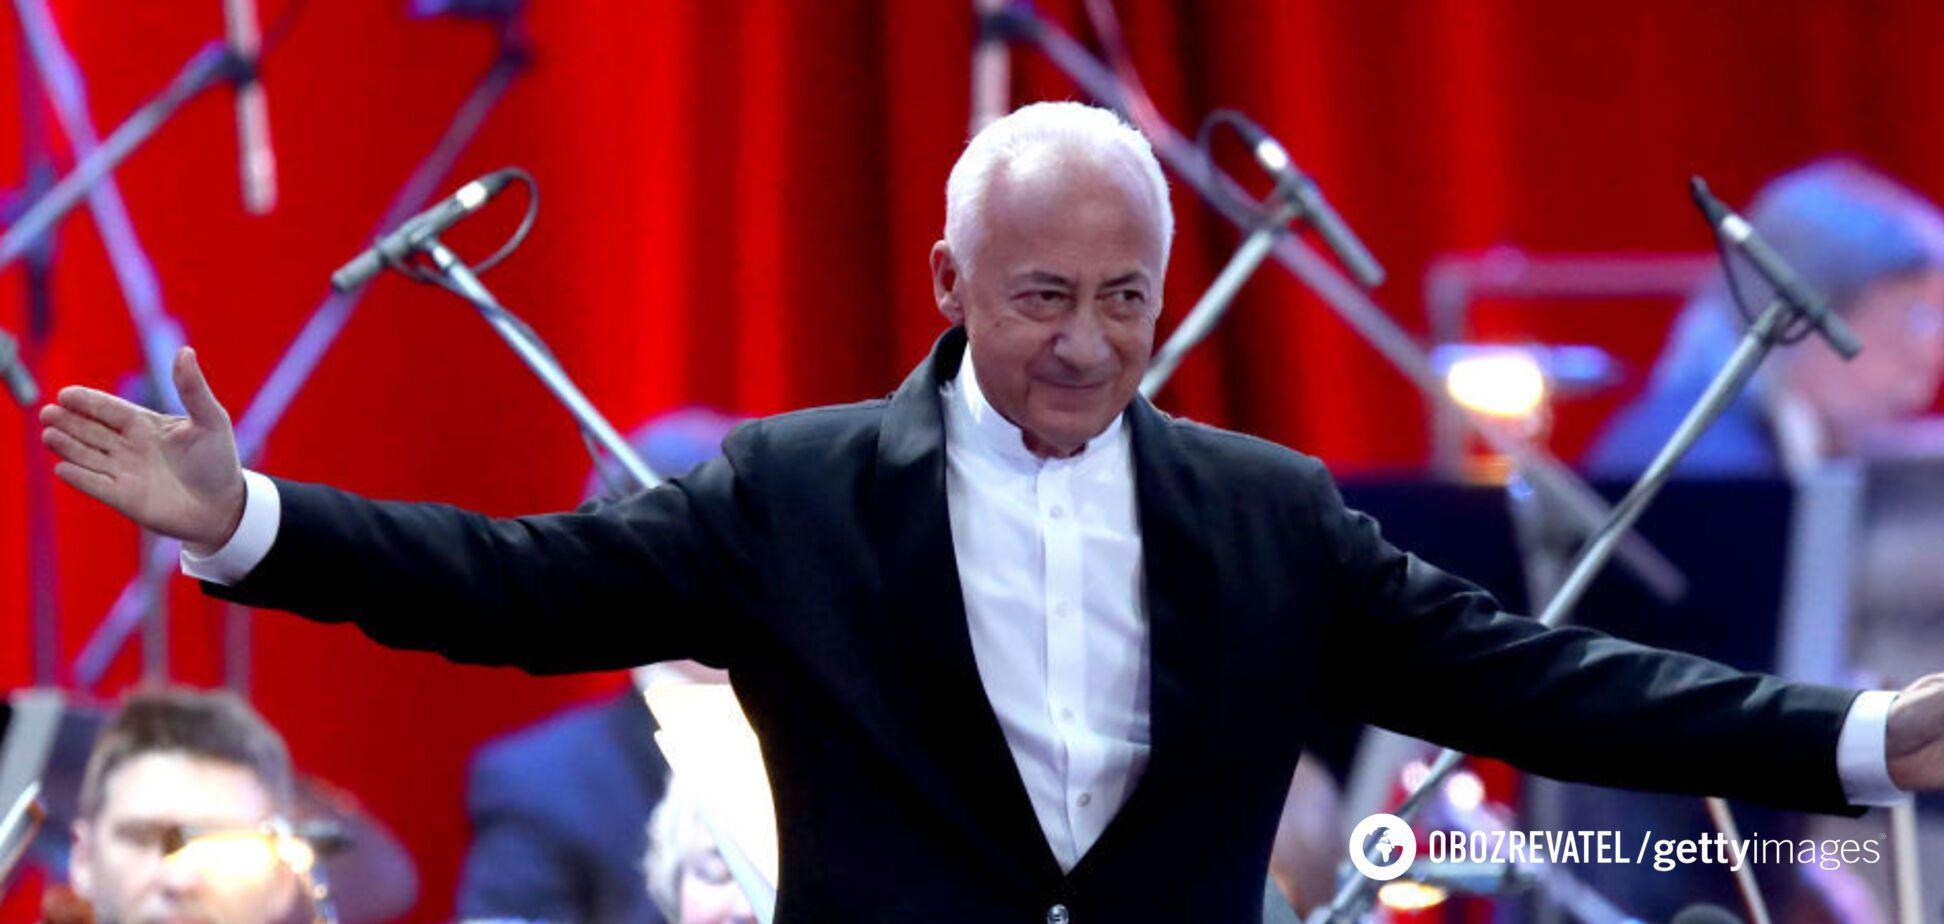 Спиваков отказался от ордена Лукашенко, но носит орден Путина